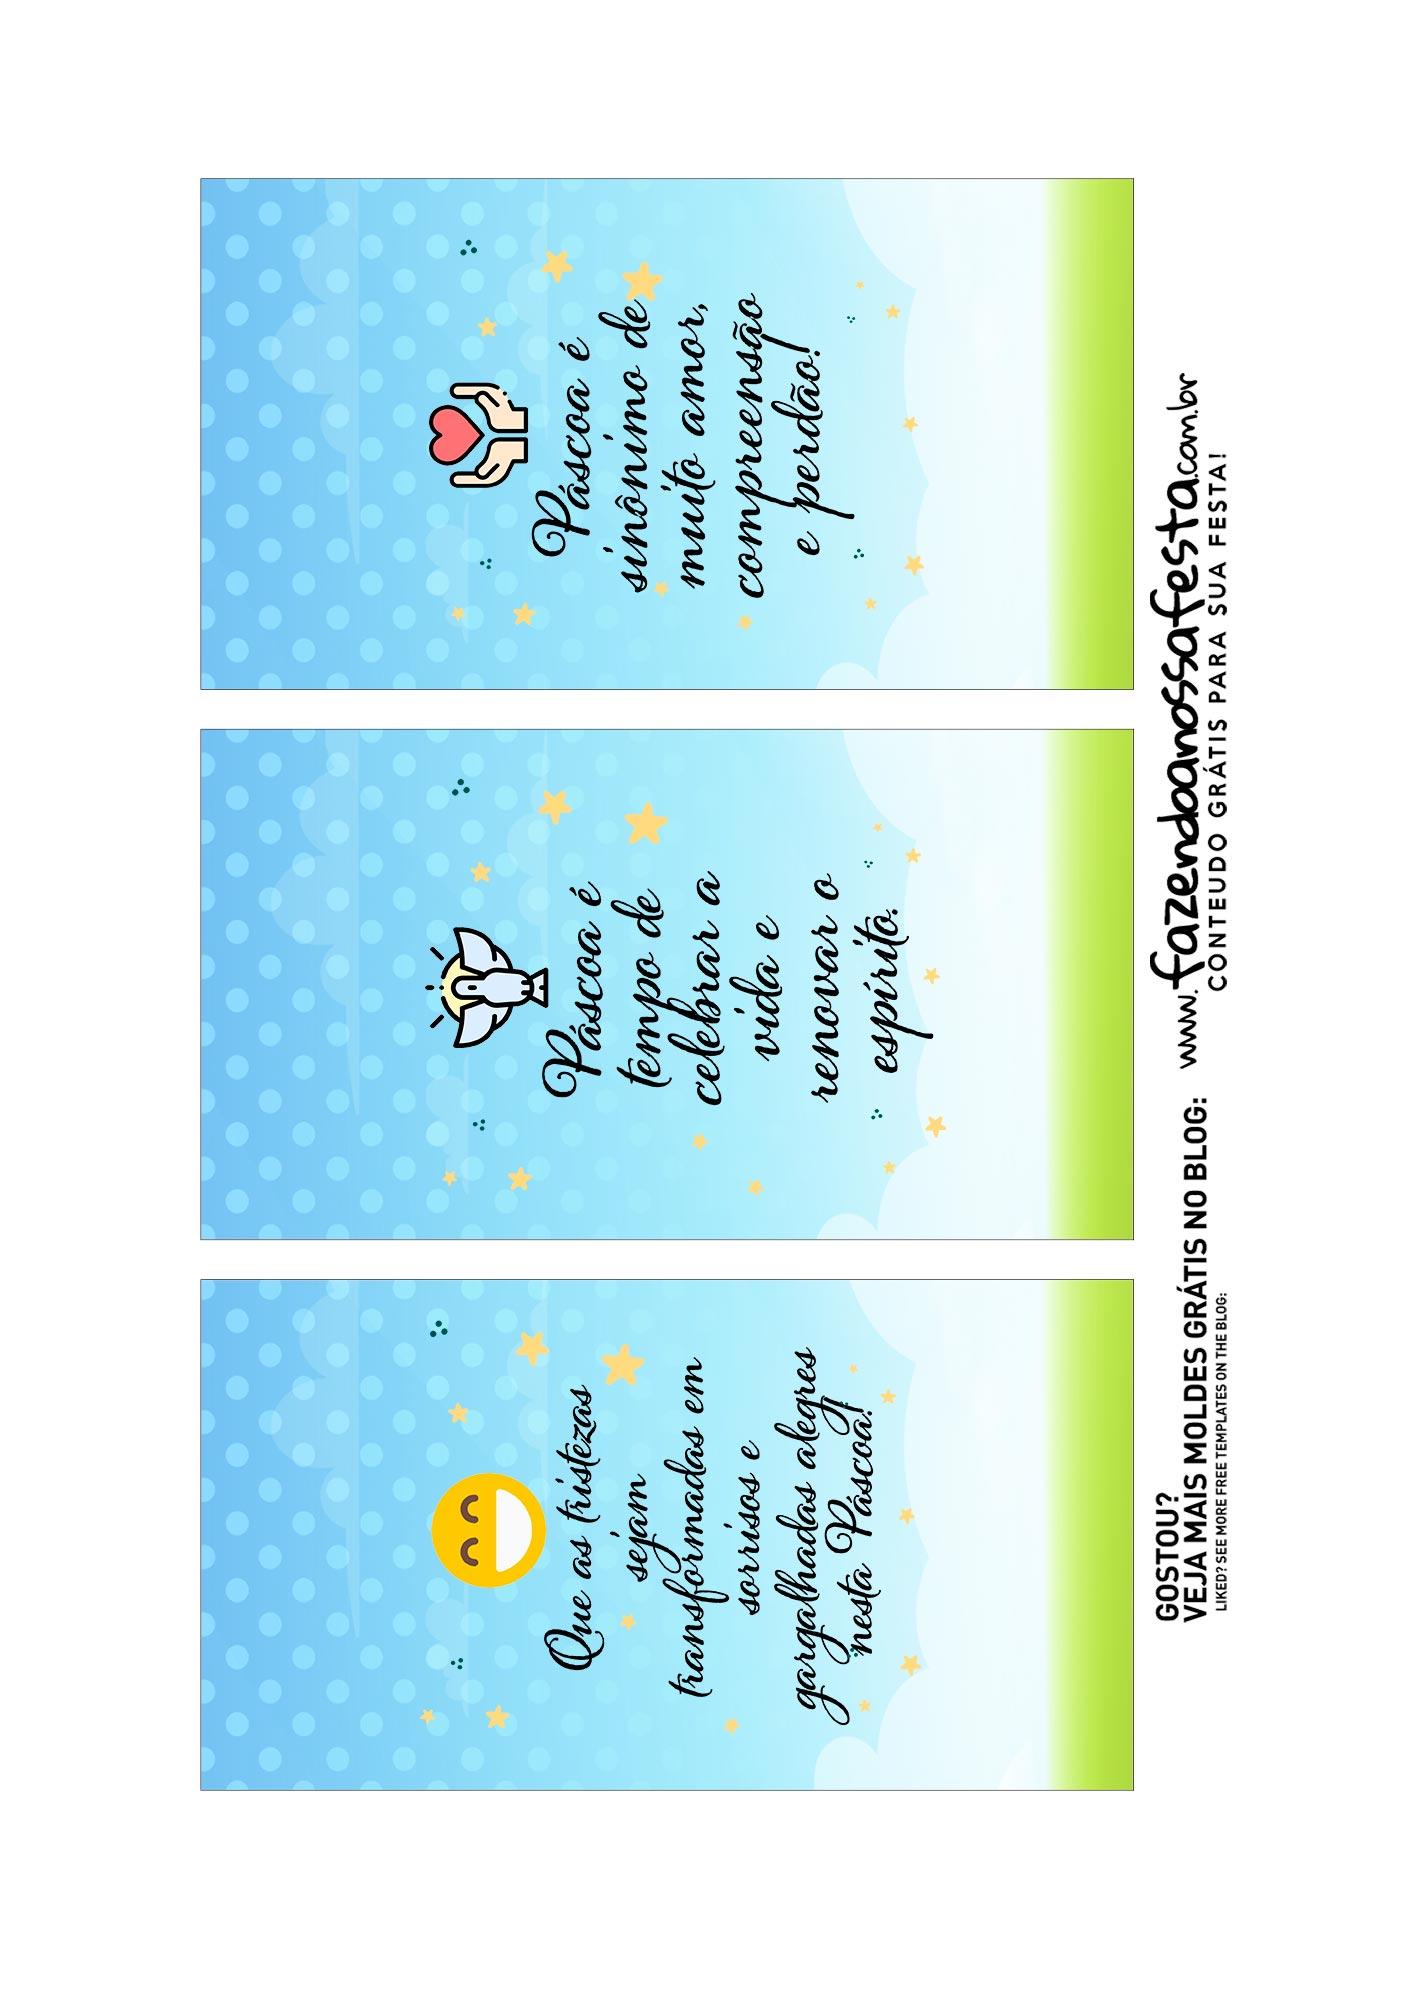 Caixa Explosiva Personagens para Pascoa Bolofofos 2